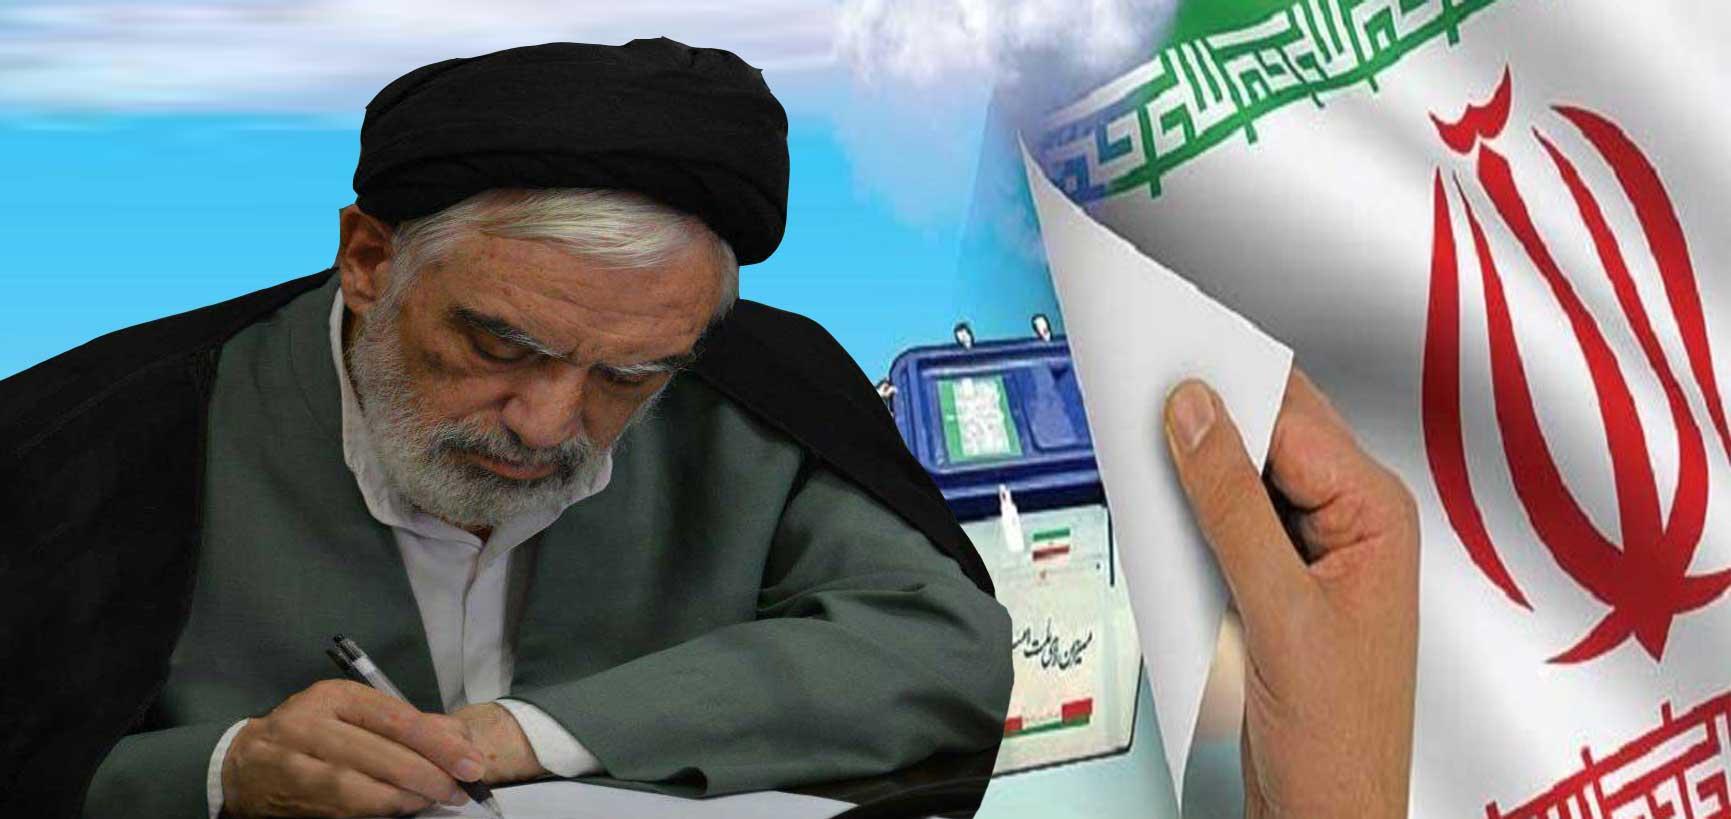 بیانیه تبریک مدیر حوزه علمیه خراسان برای حضور ارزشمند ملت آگاه ایران اسلامی در انتخابات